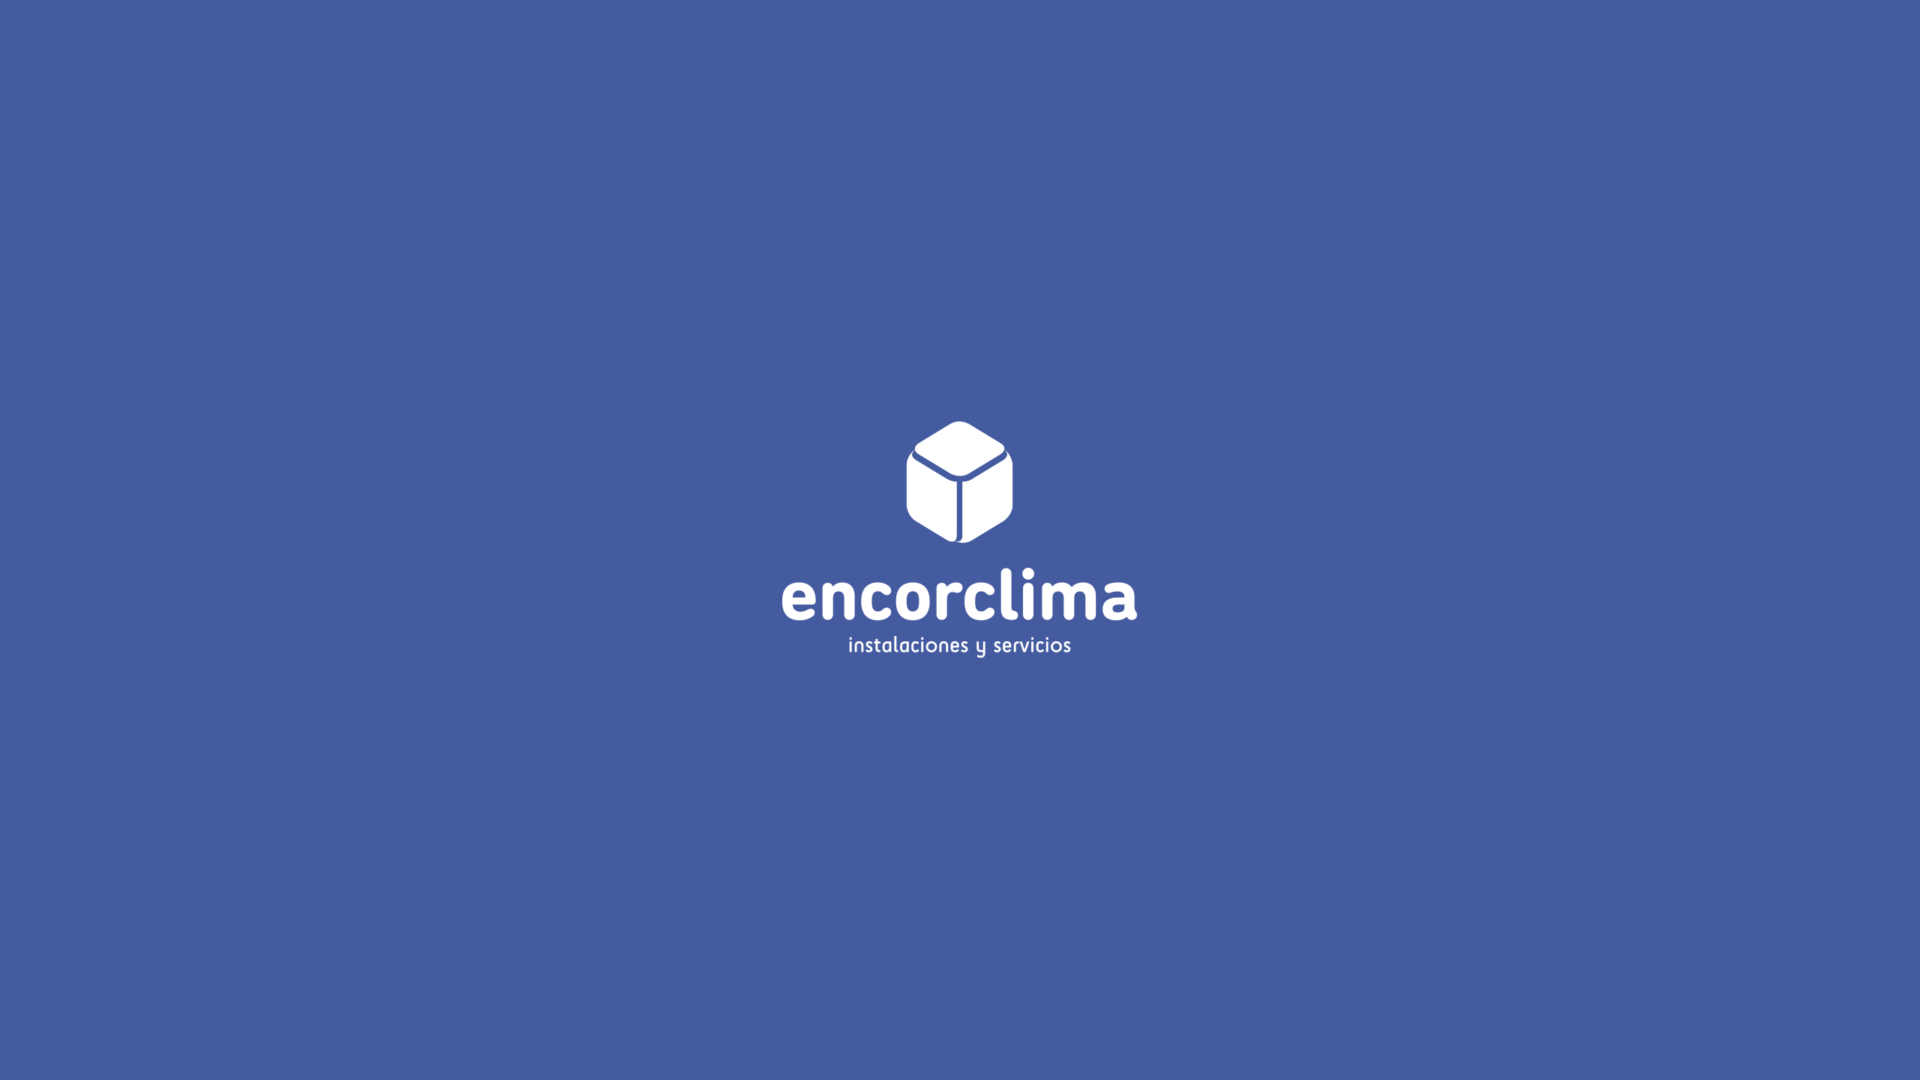 logotipo Encorclima Pliegues